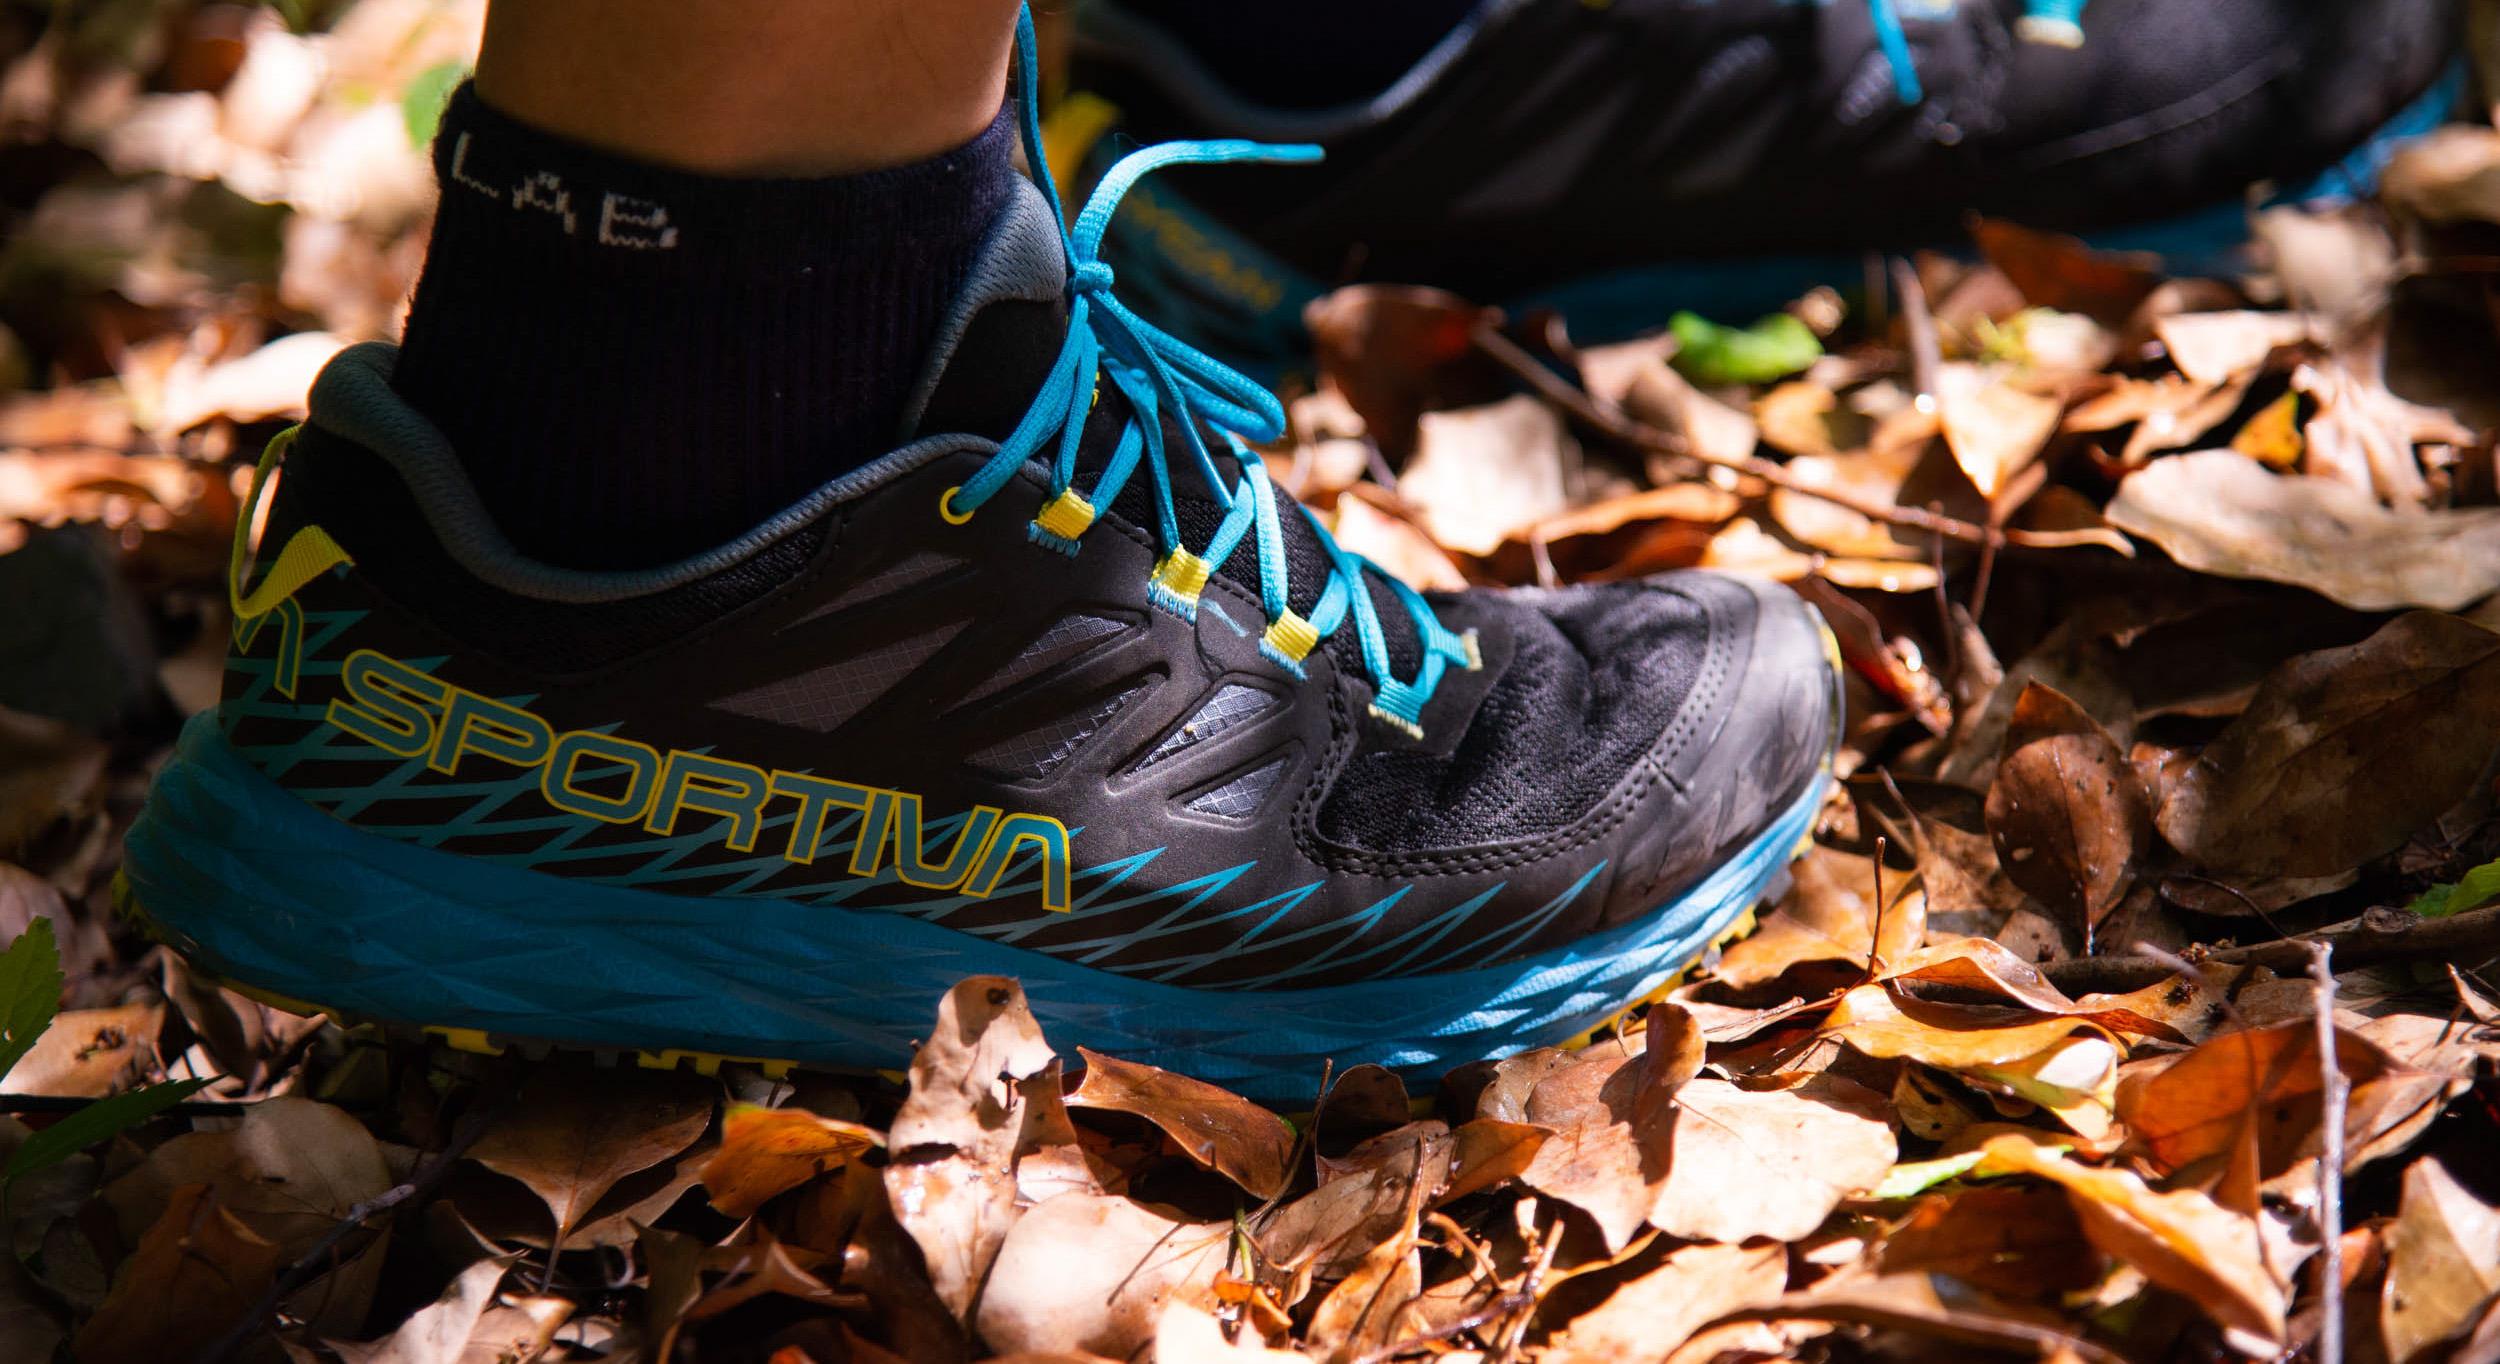 跑鞋 | La Sportiva Lycan评测 路跑与越野兼备的全能跑鞋